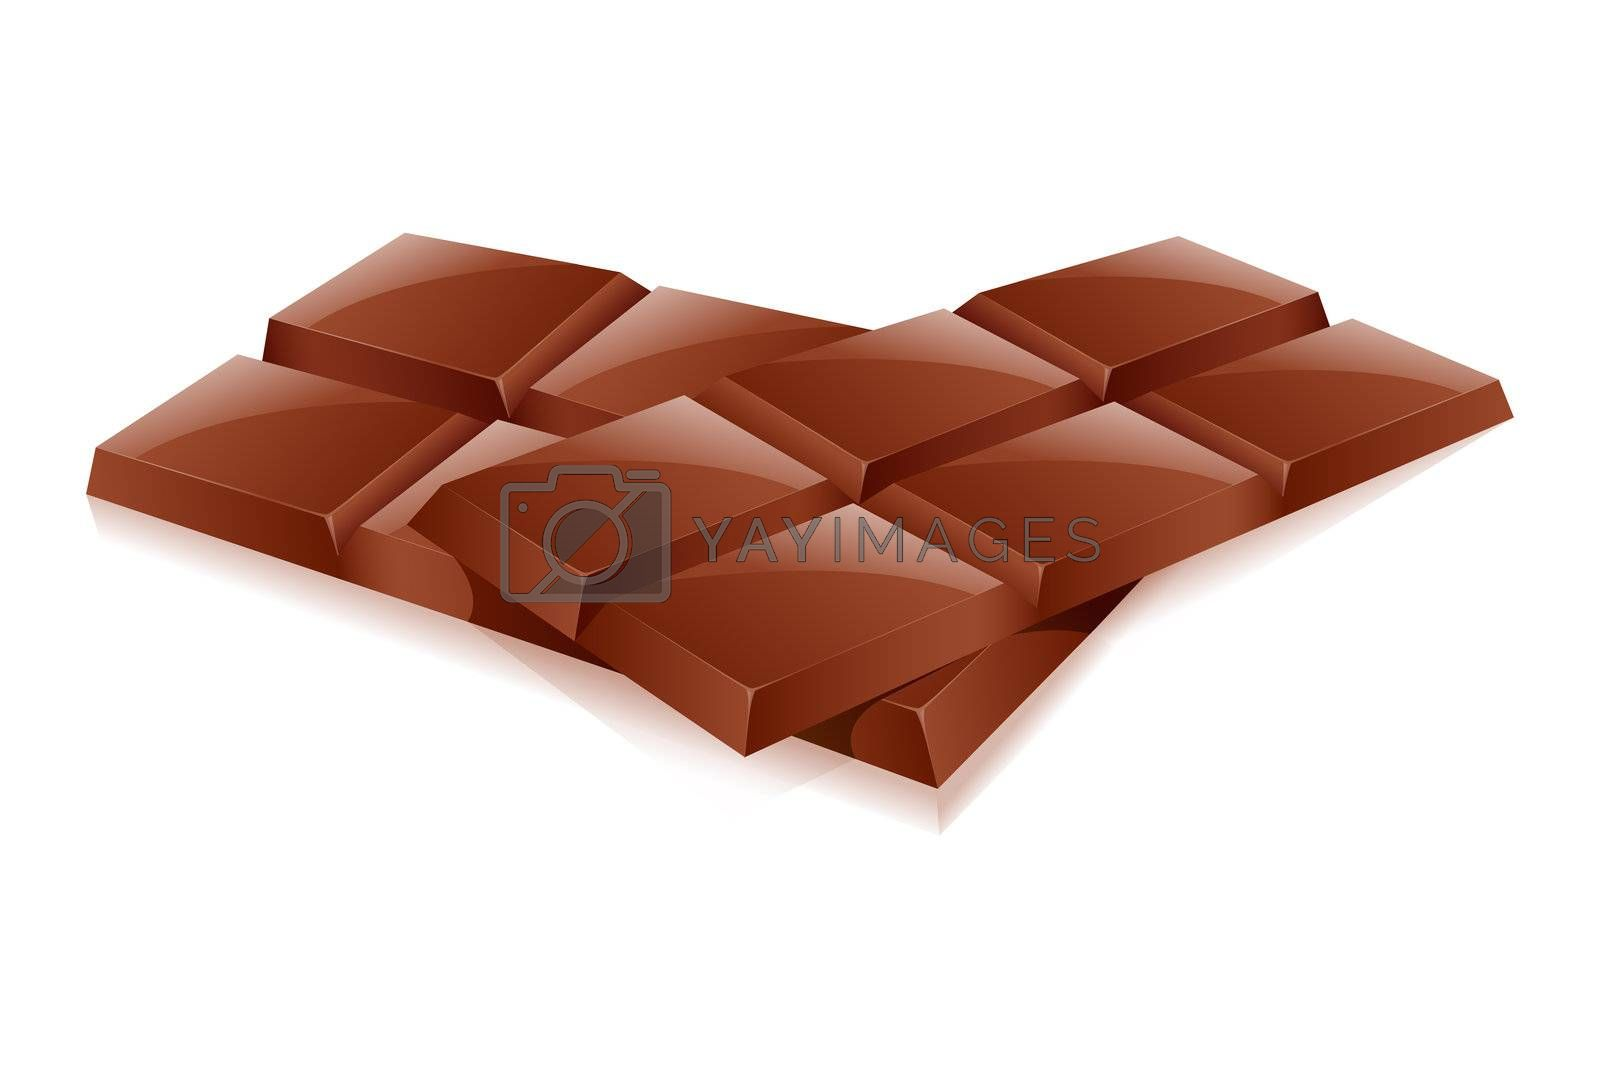 illustration of chocolates on white background